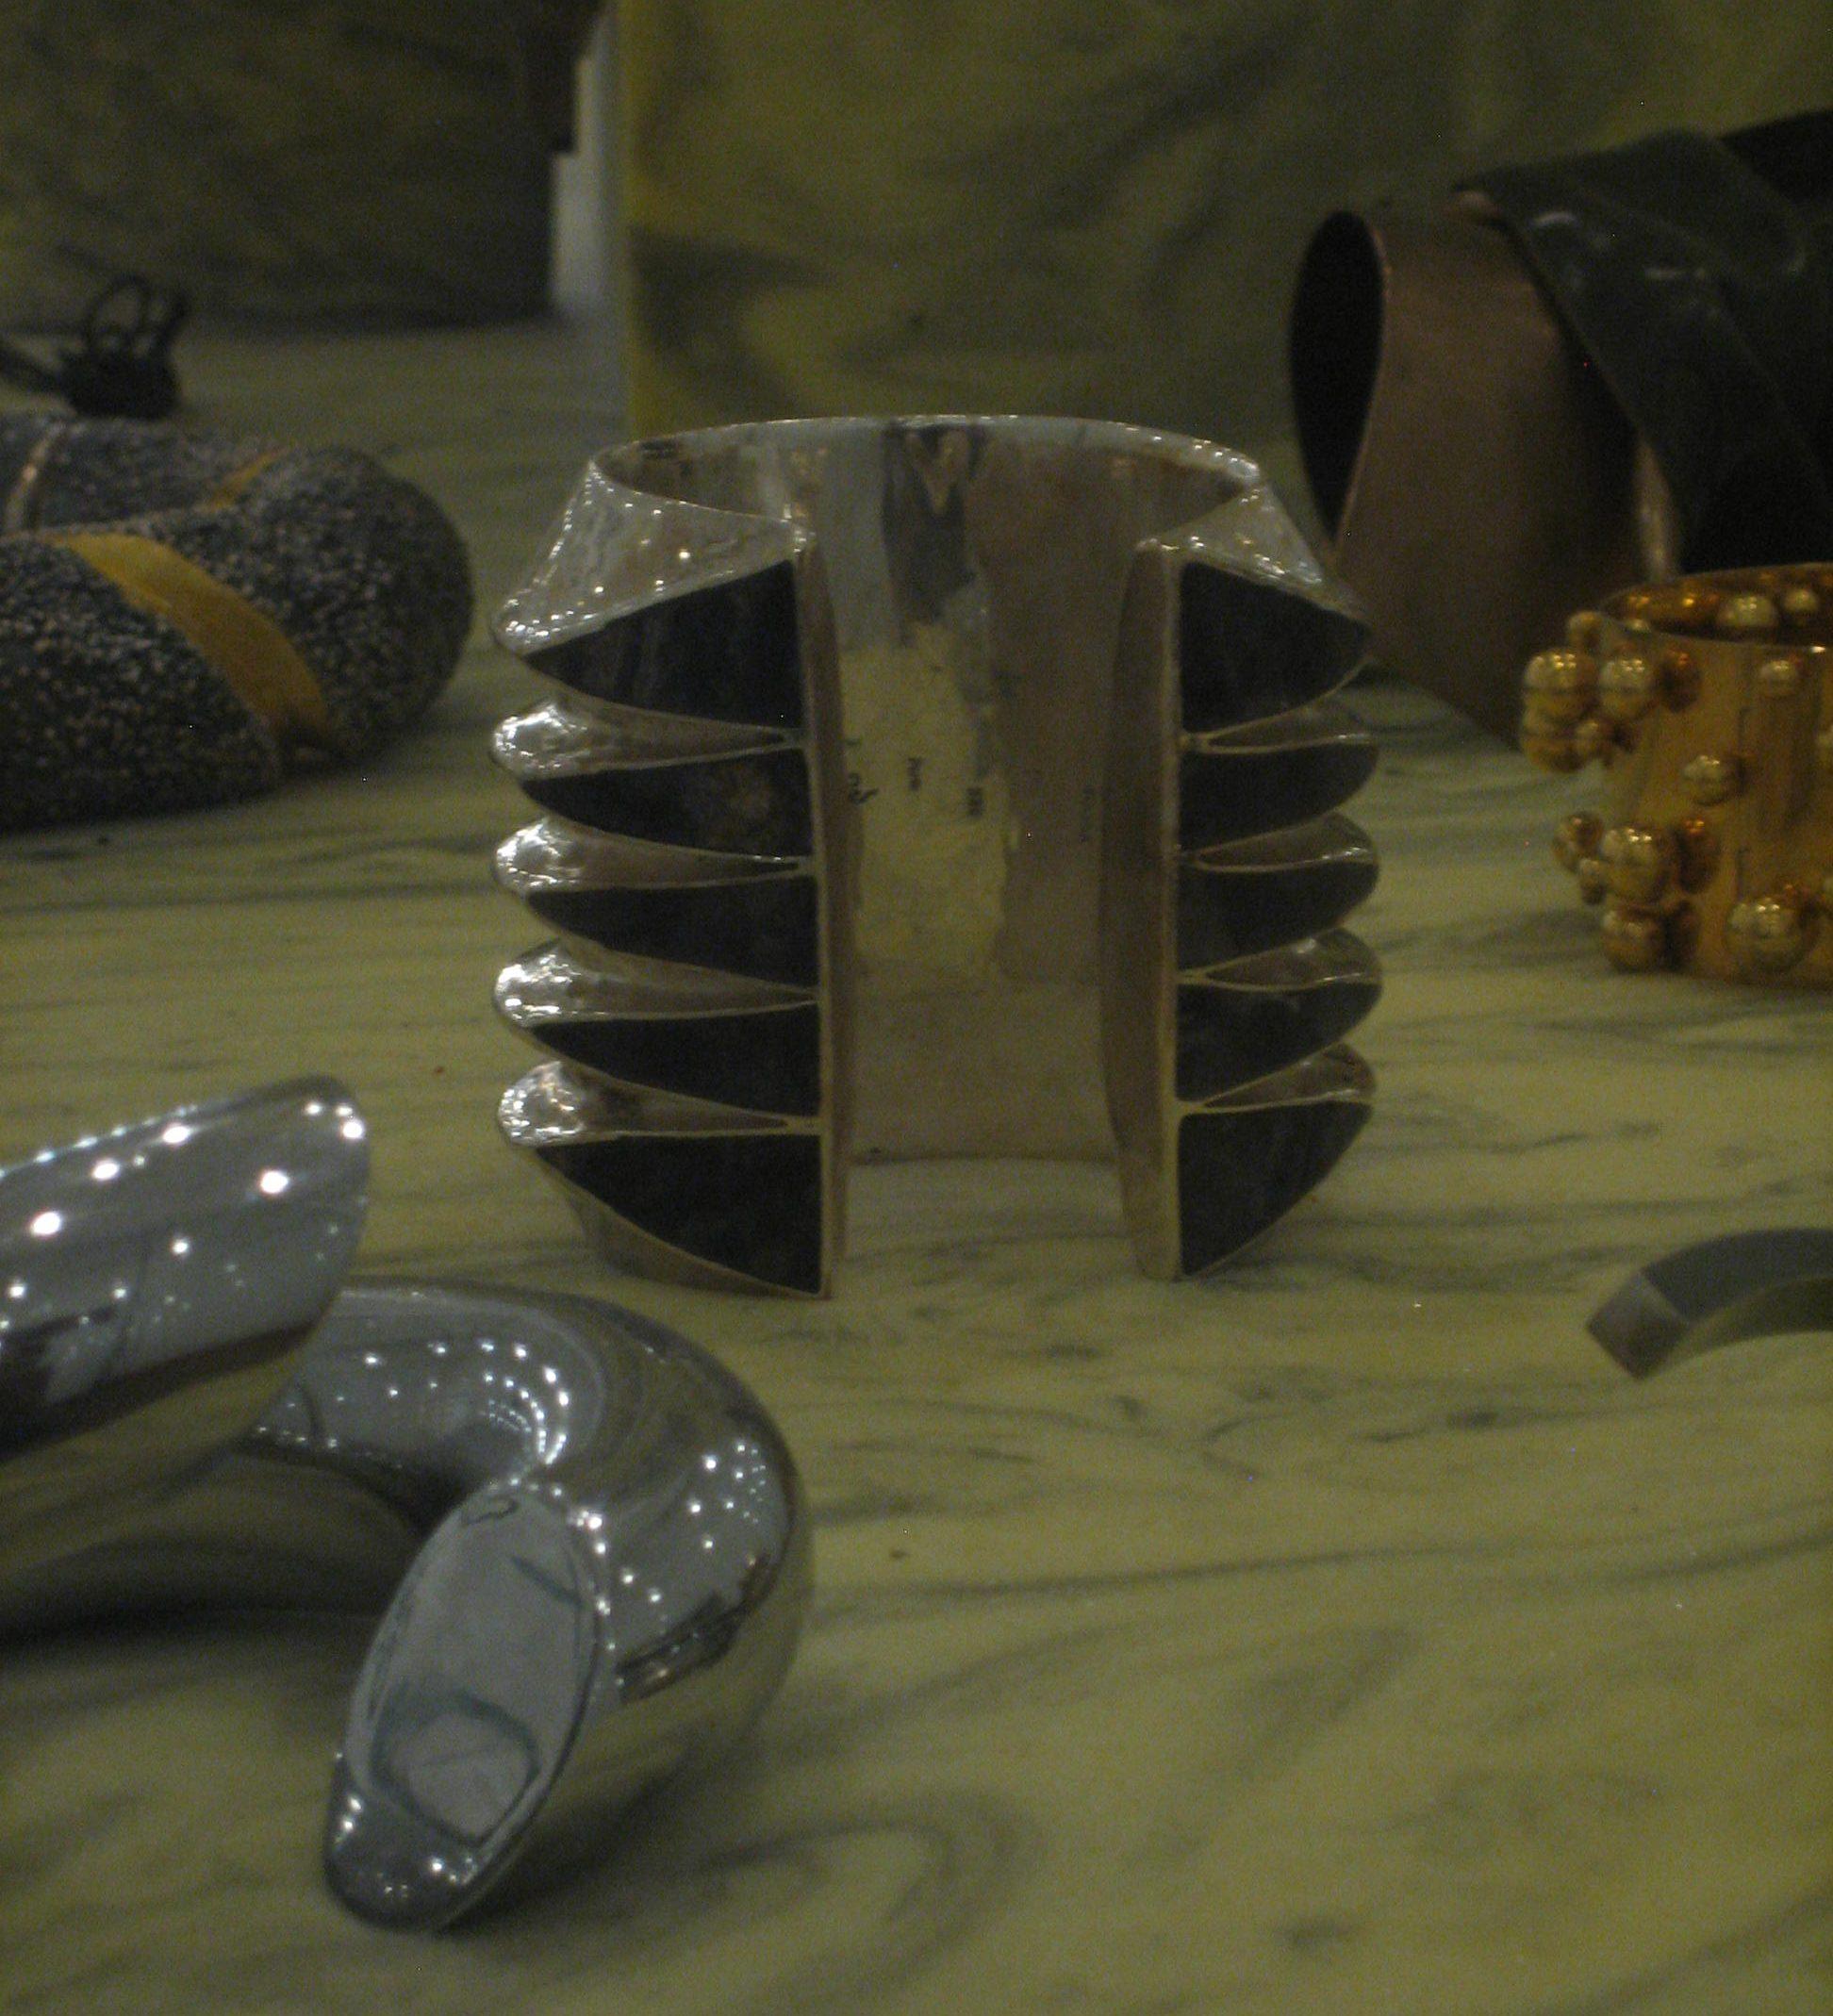 Goudji, armband, 2016. Collectie S. Thierry-de Saint Rapt. Foto Esther Doornbusch, 23 november 2018, CC BY 4.0